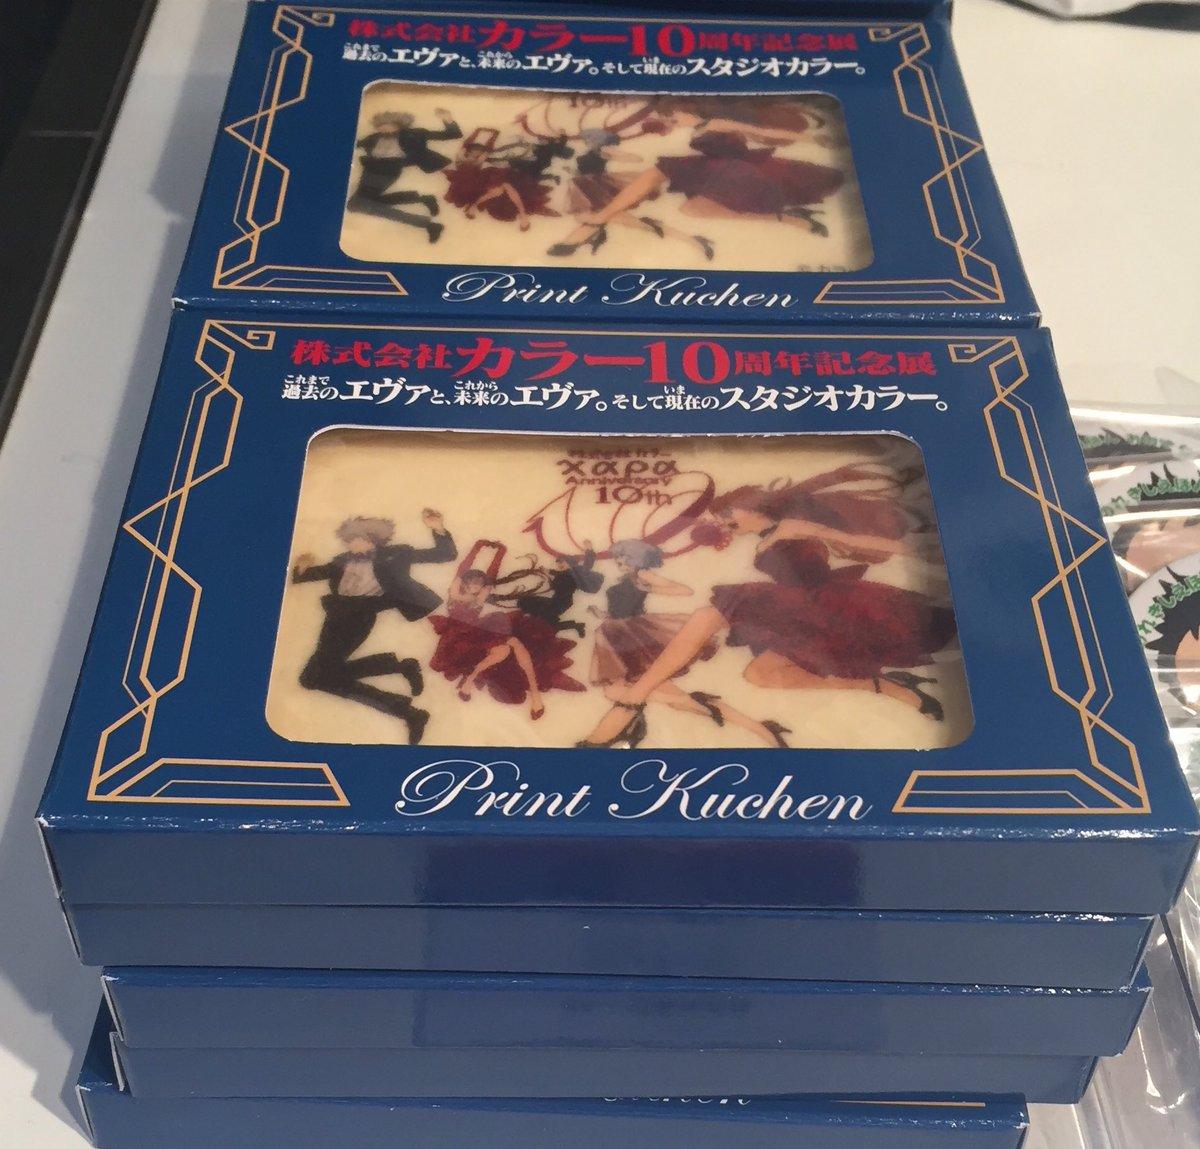 「株式会社カラー10周年記念展」は30日まで開催!限定グッズが多数公開中